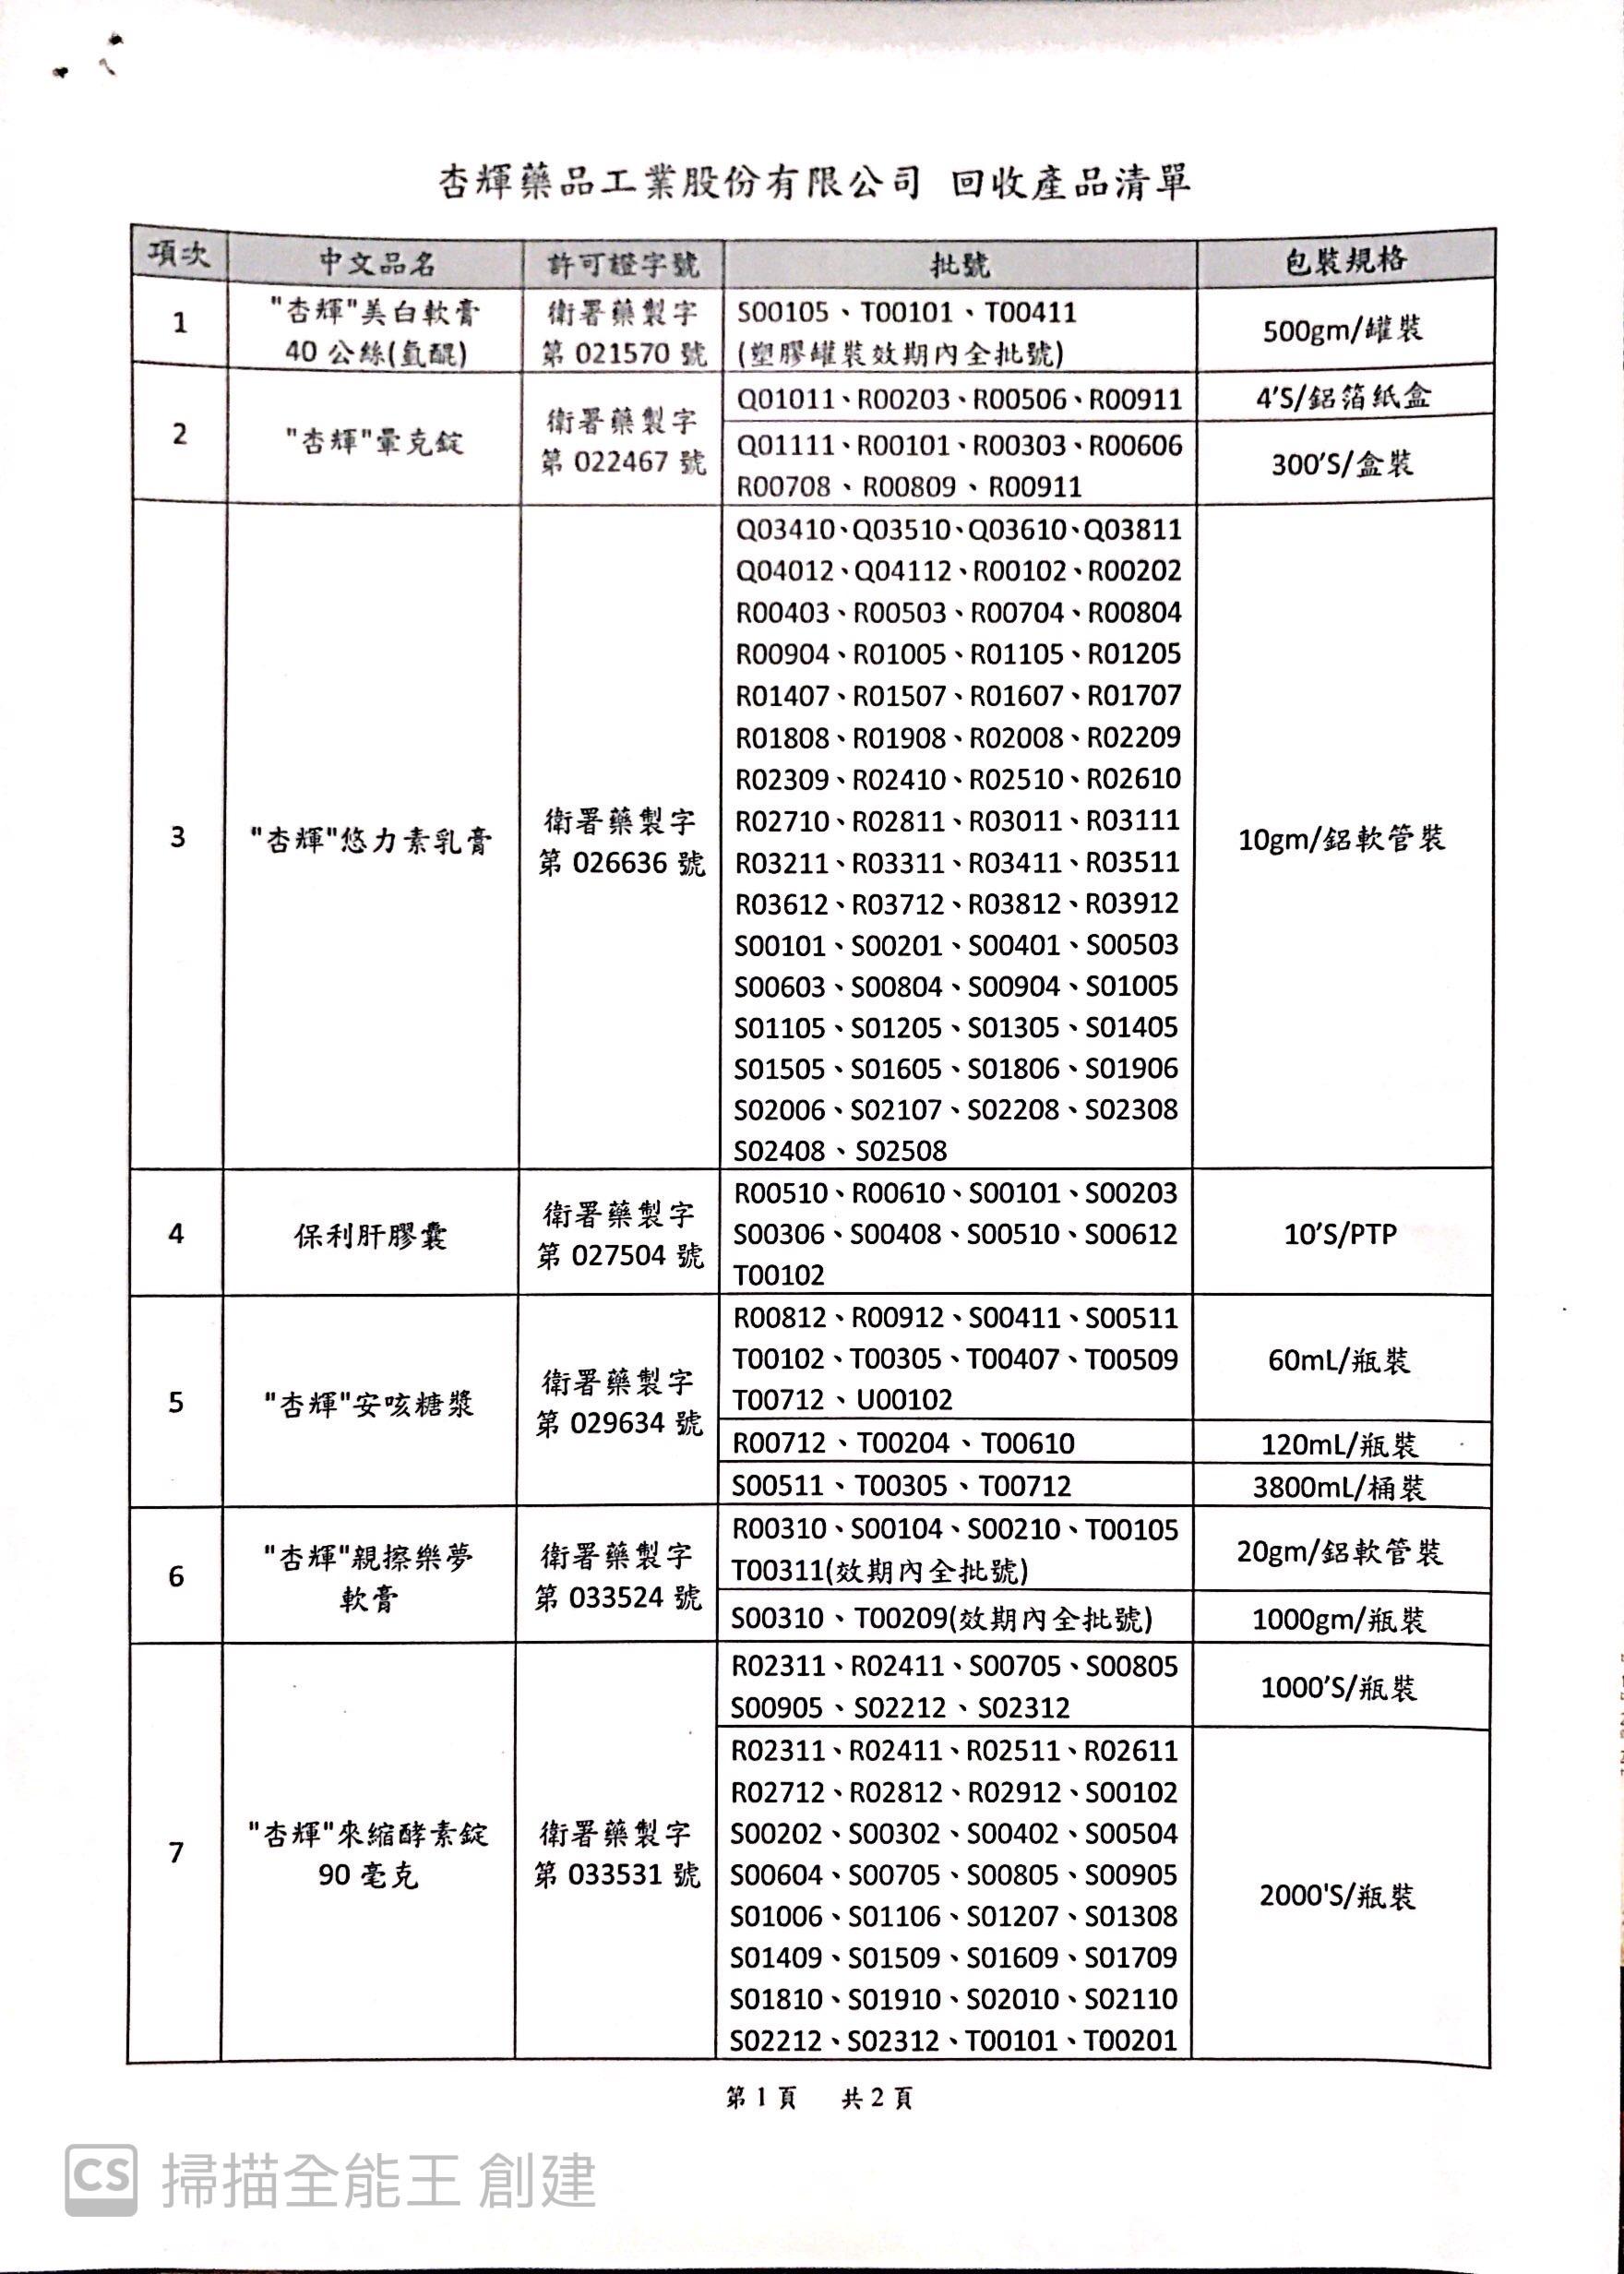 A9DFAA51-E7BD-4F0A-85CE-F241DF9467BD